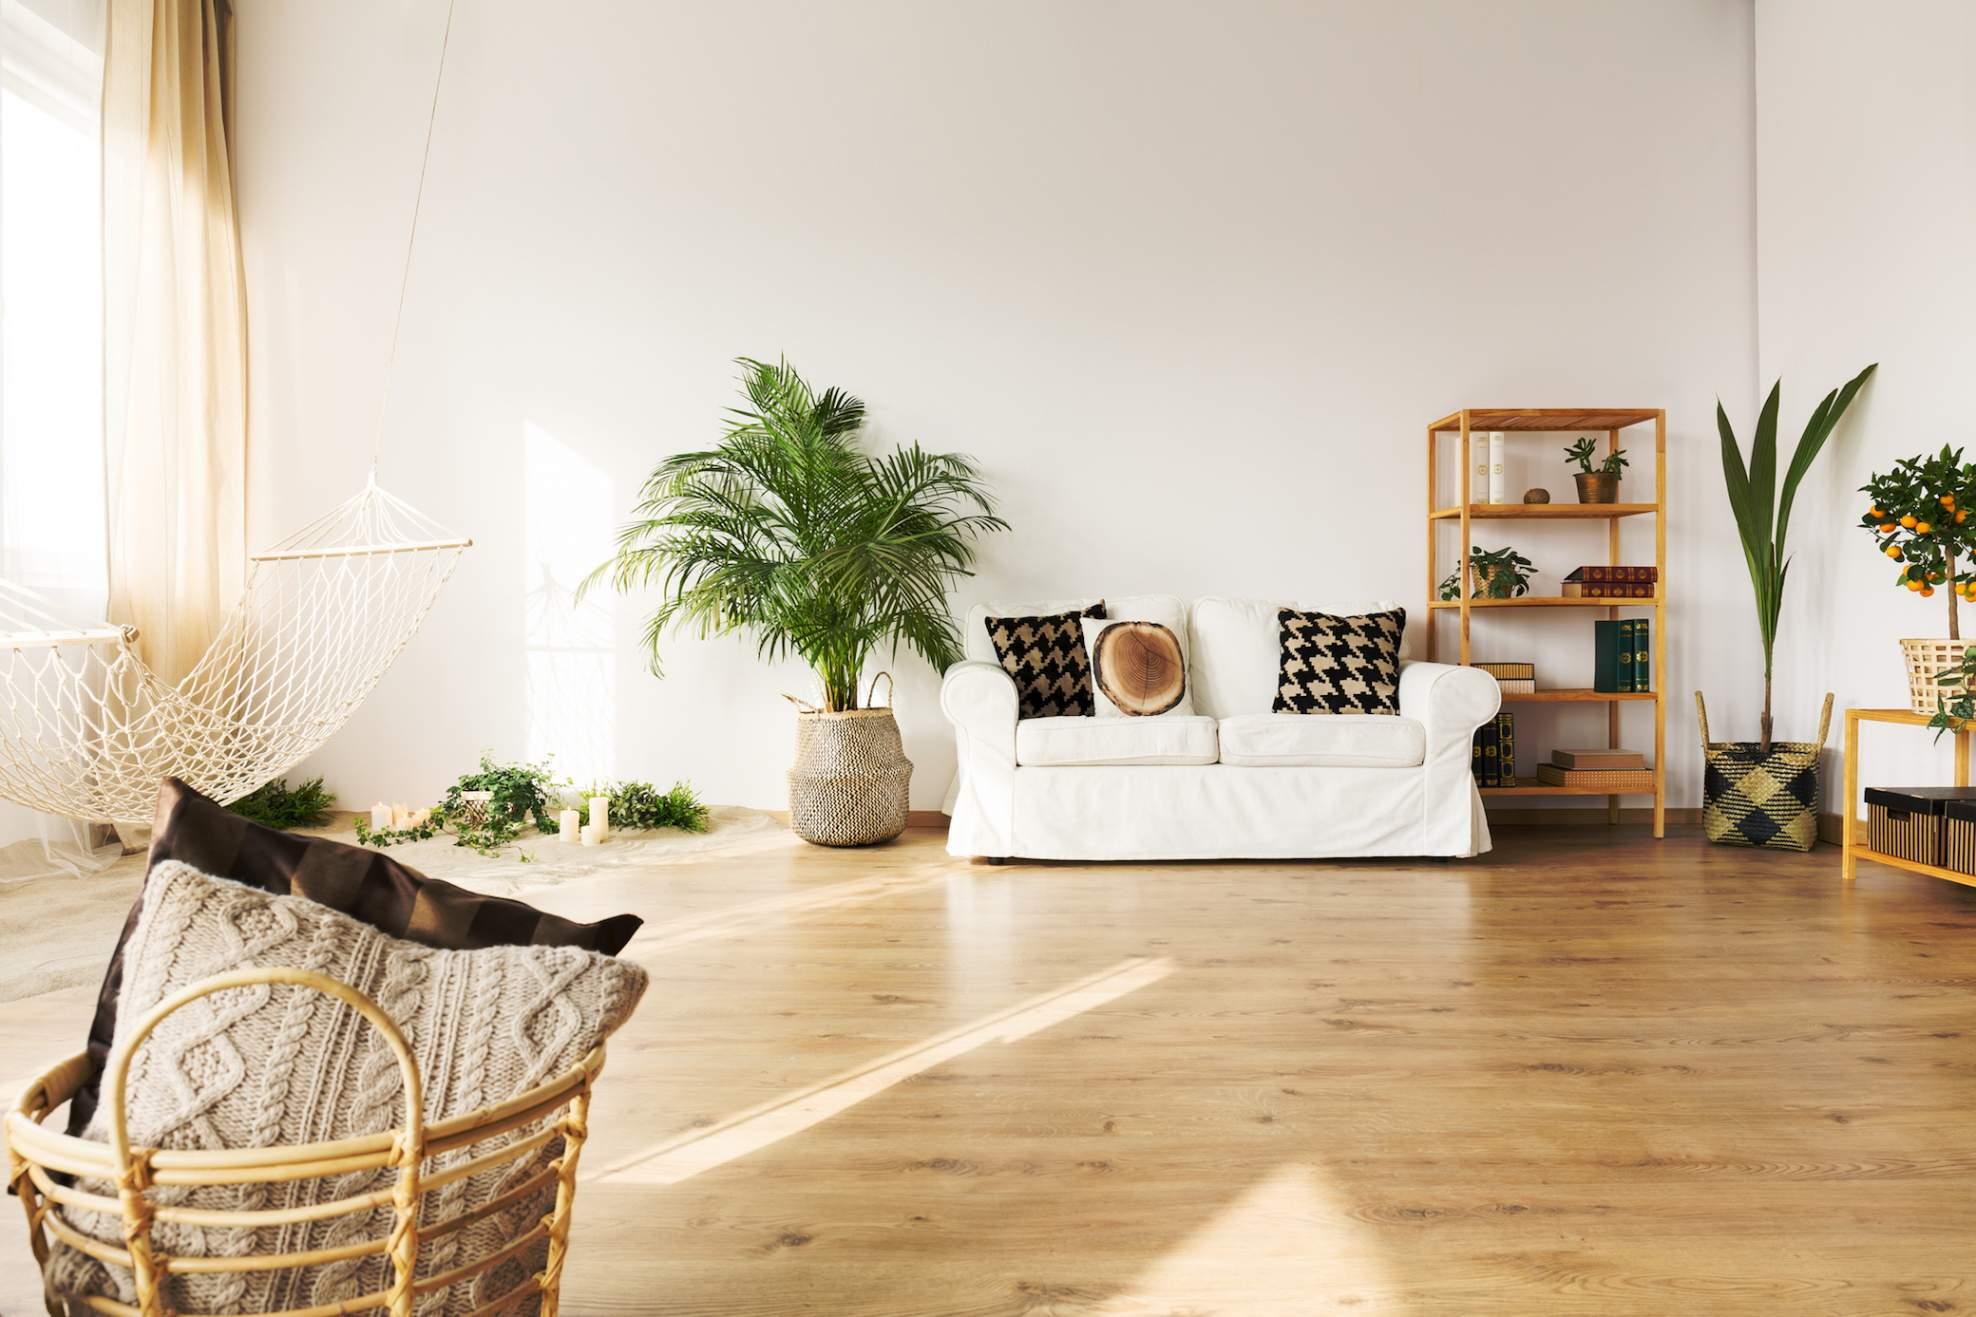 wohnung sommerlich gestalten auch ohne balkon kein balkon alternative kein balkon alternative